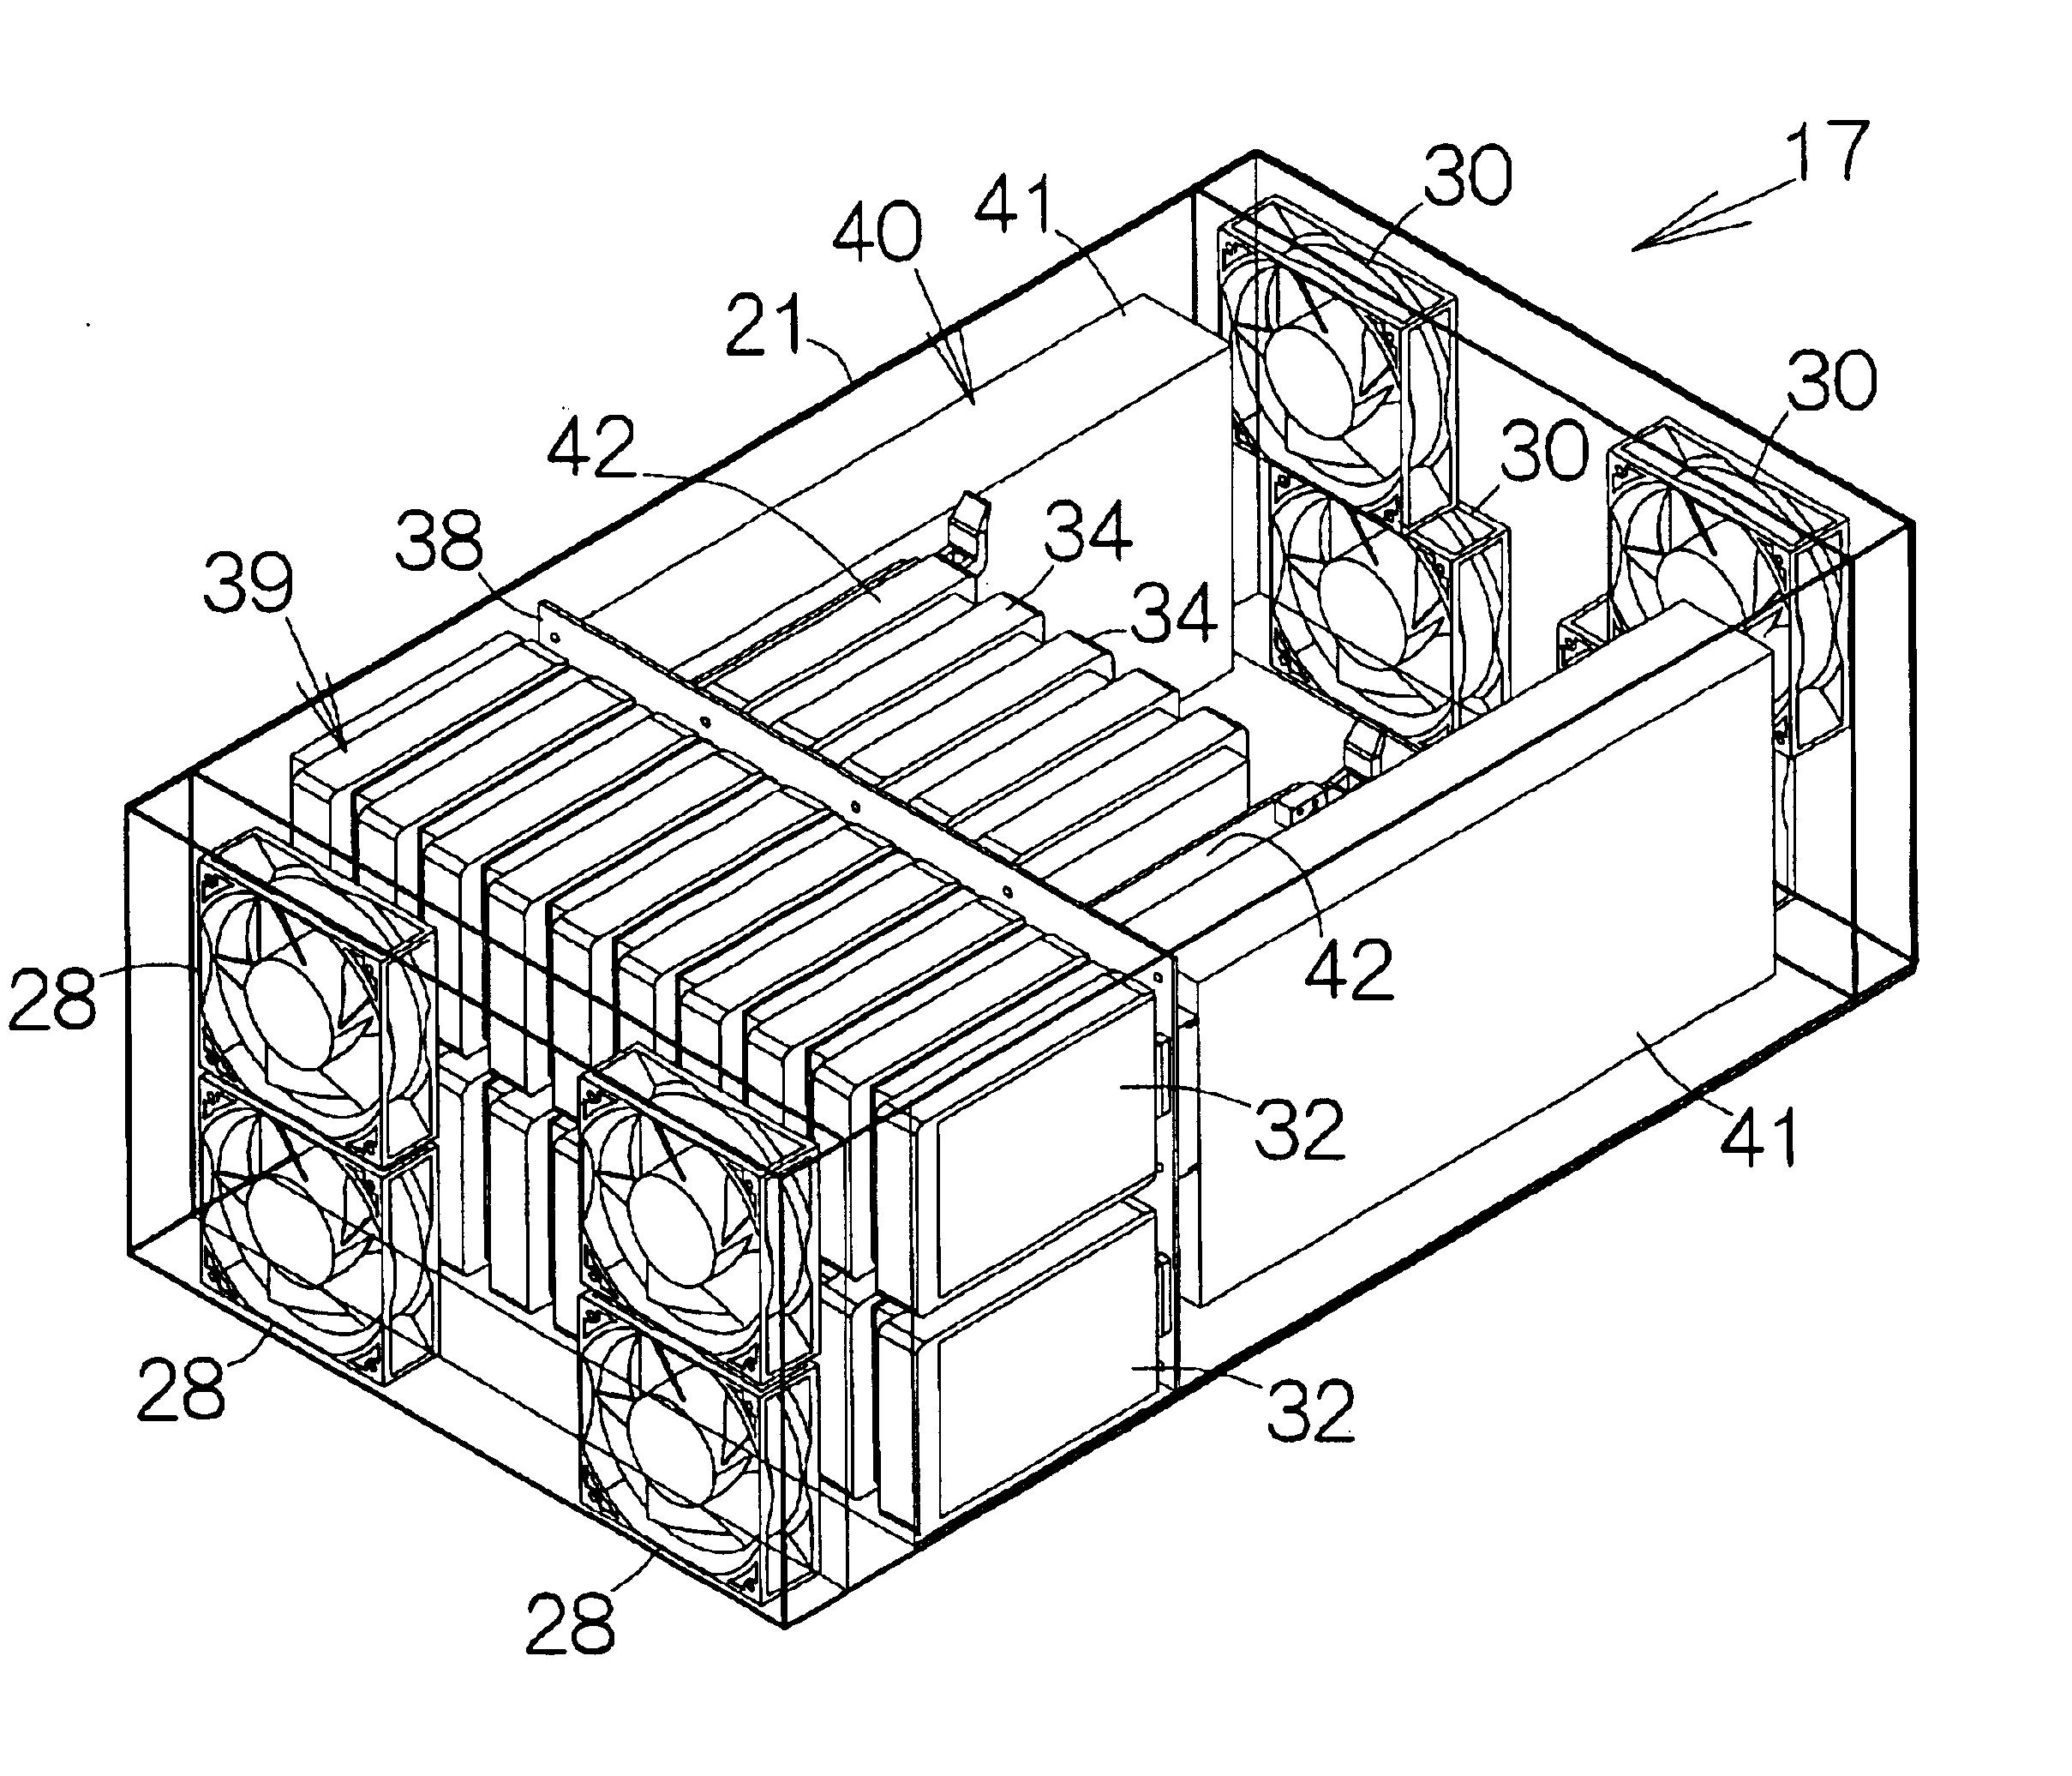 patent us6816368 - disk array unit